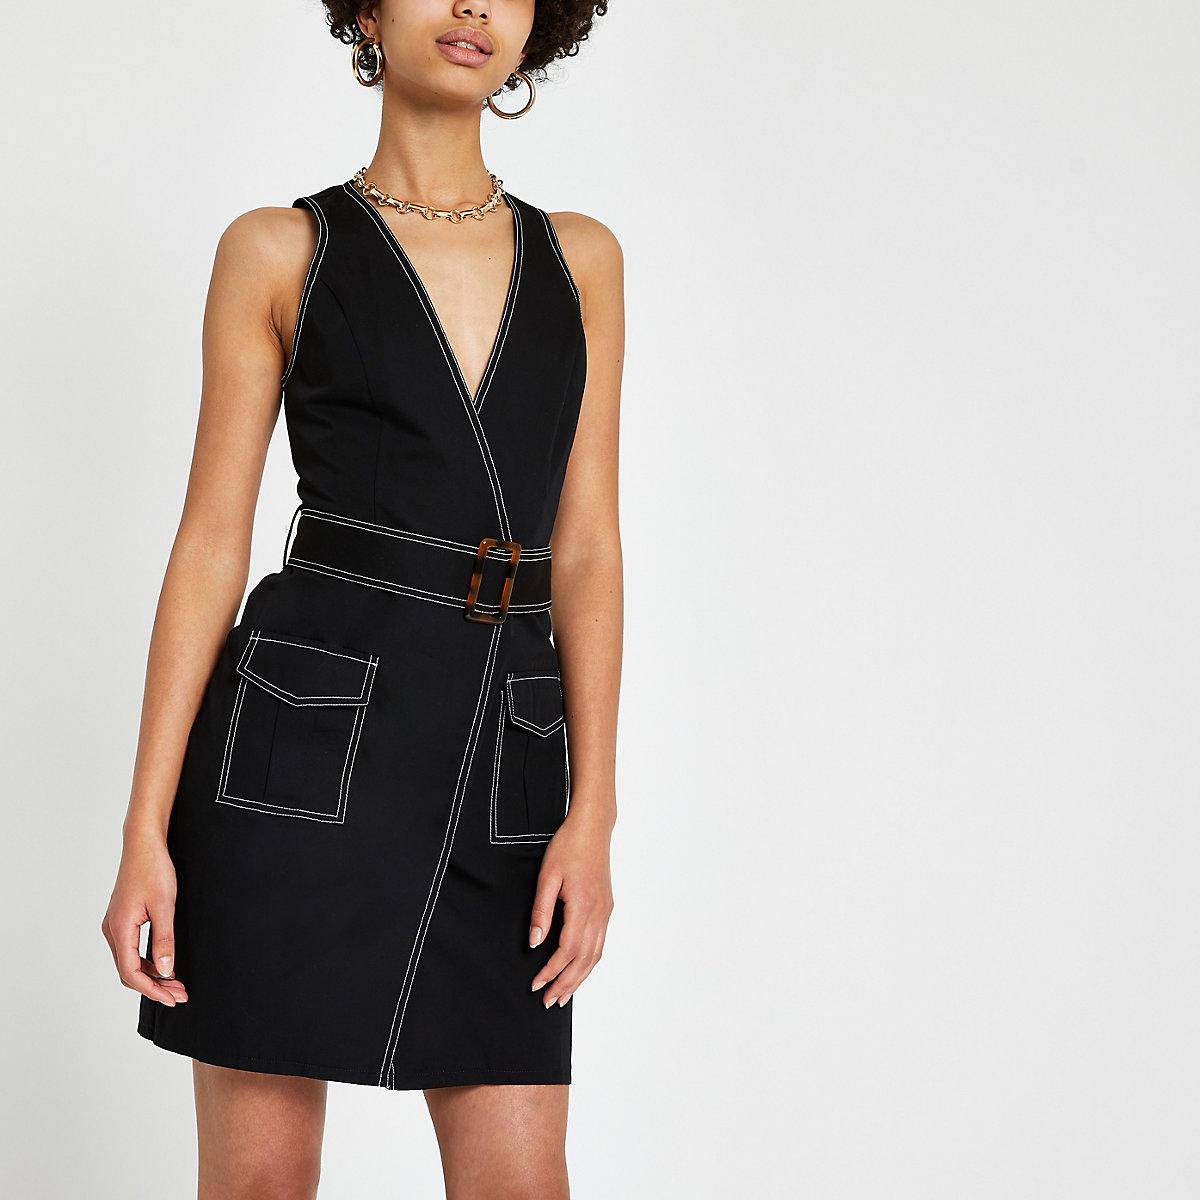 Black utility mini dress